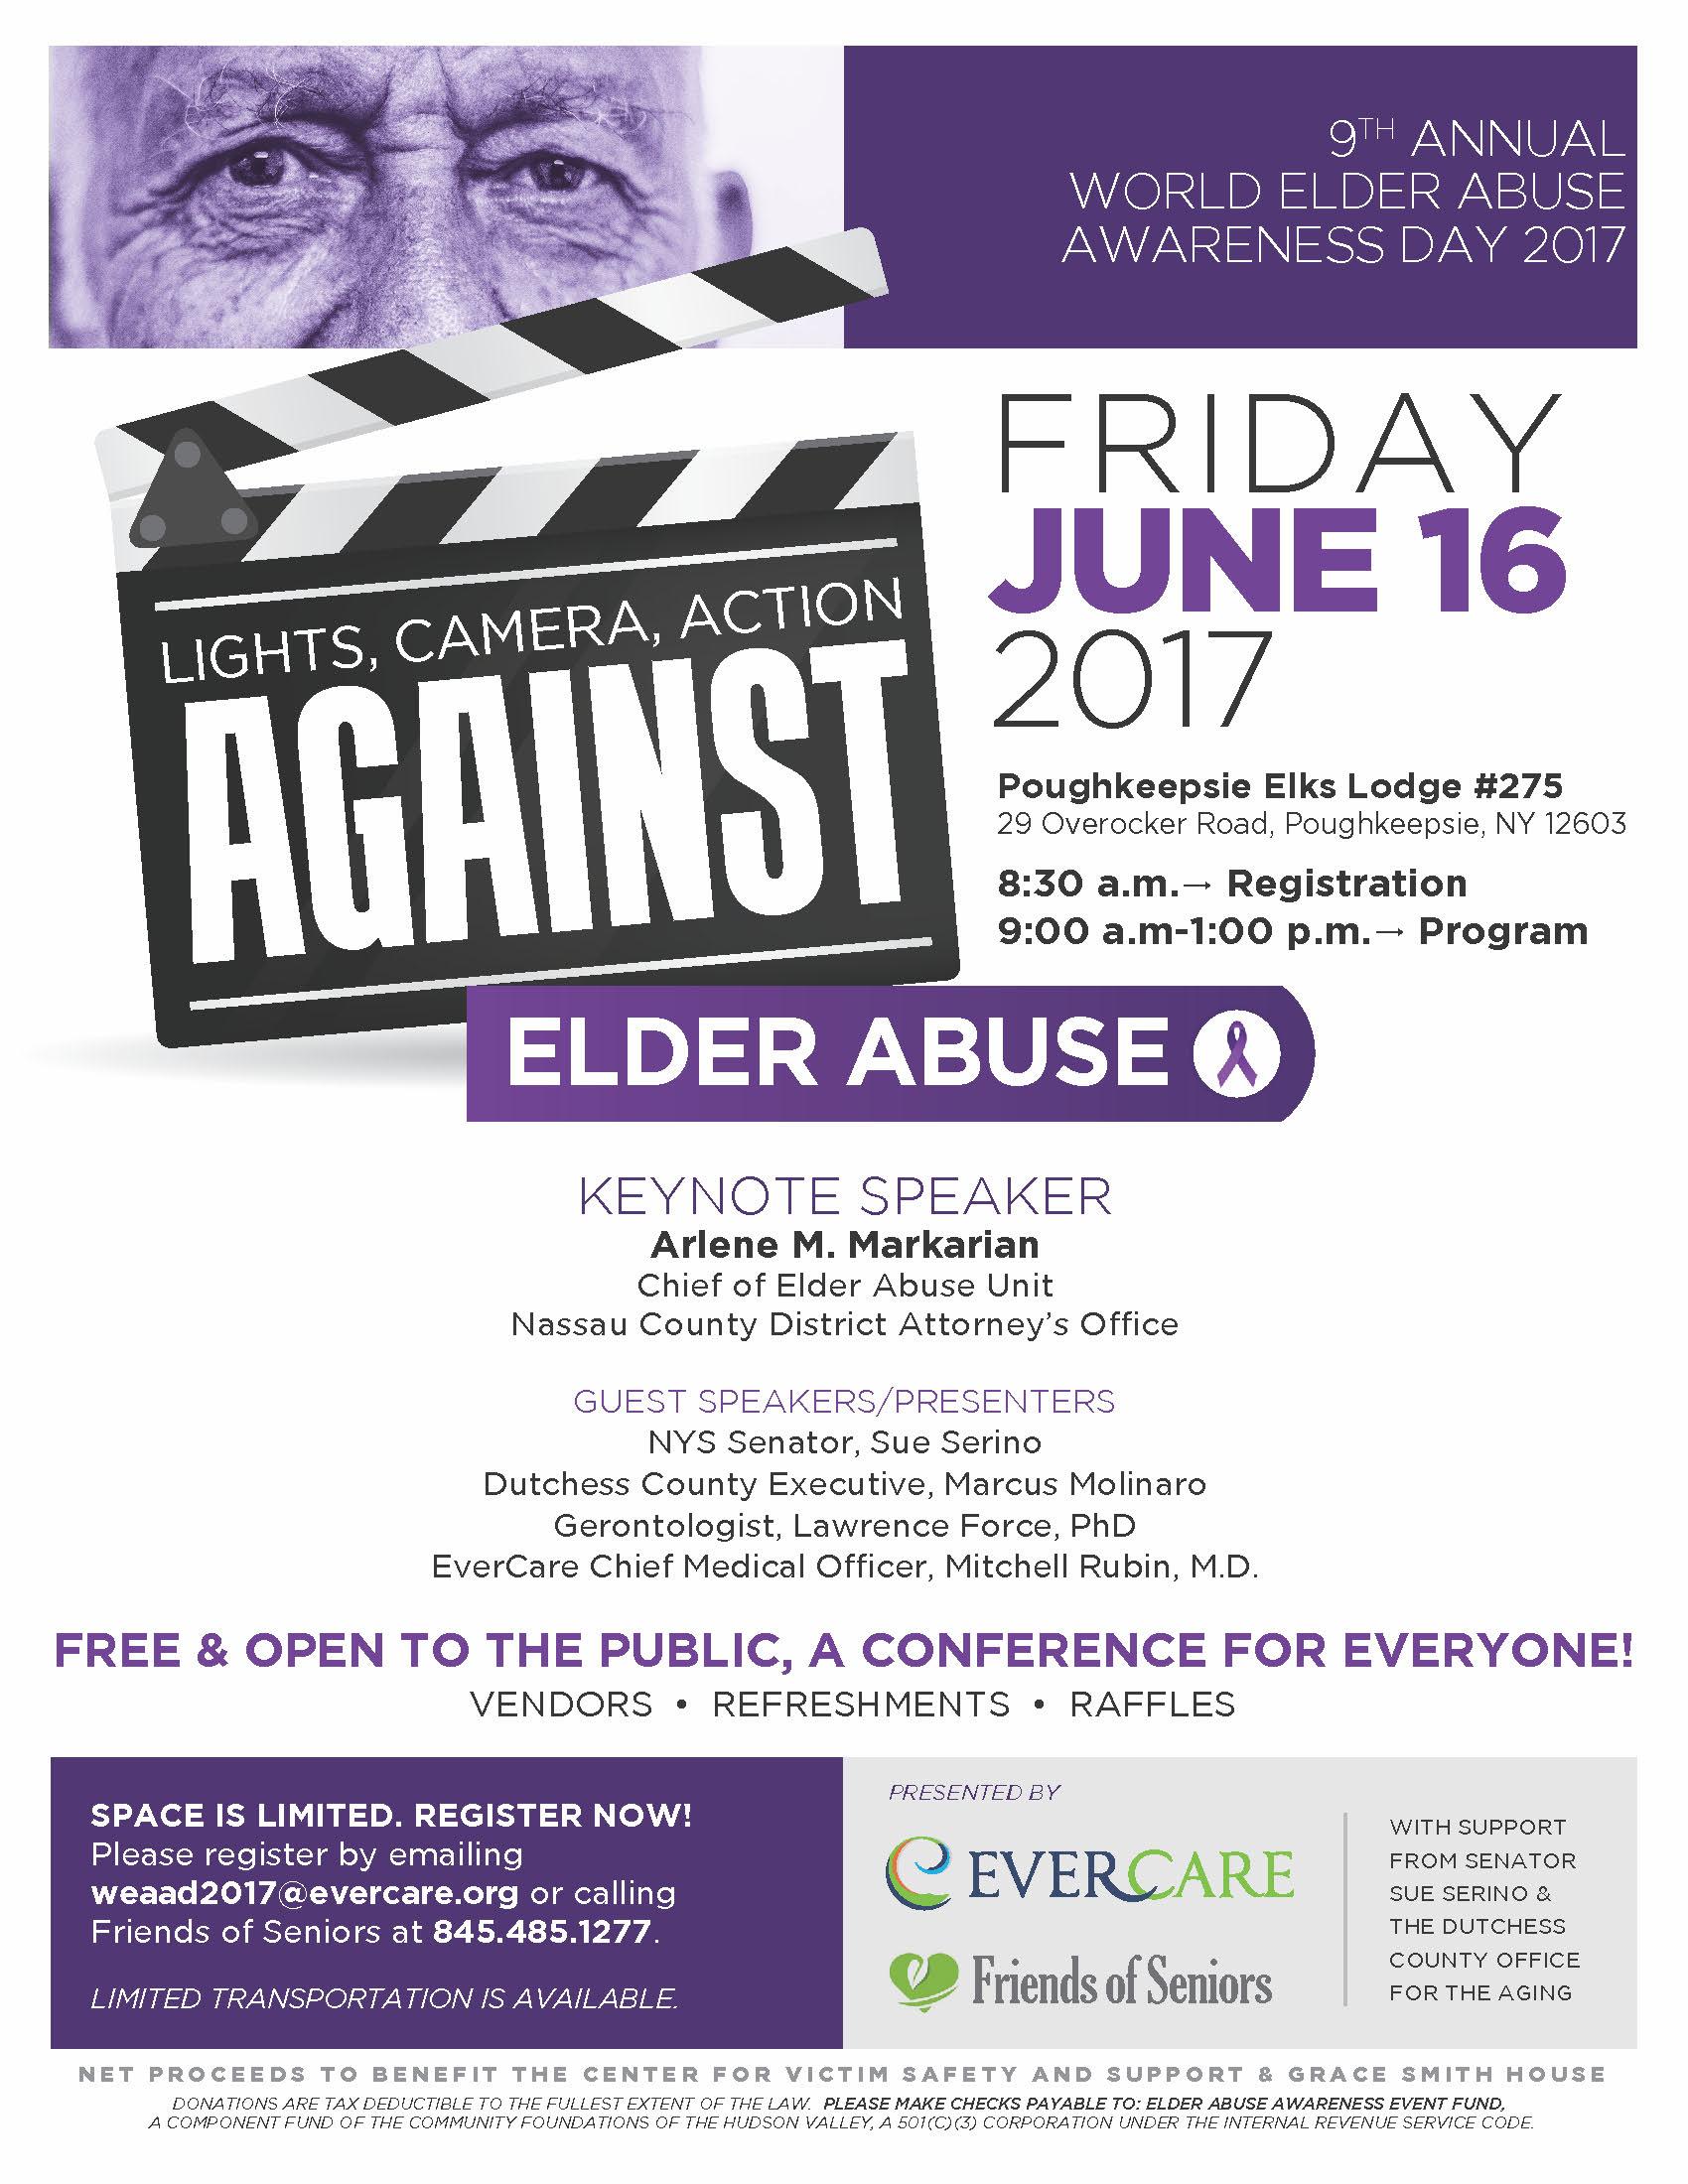 Lights, Camera, Action AGAINST Elder Abuse flyer